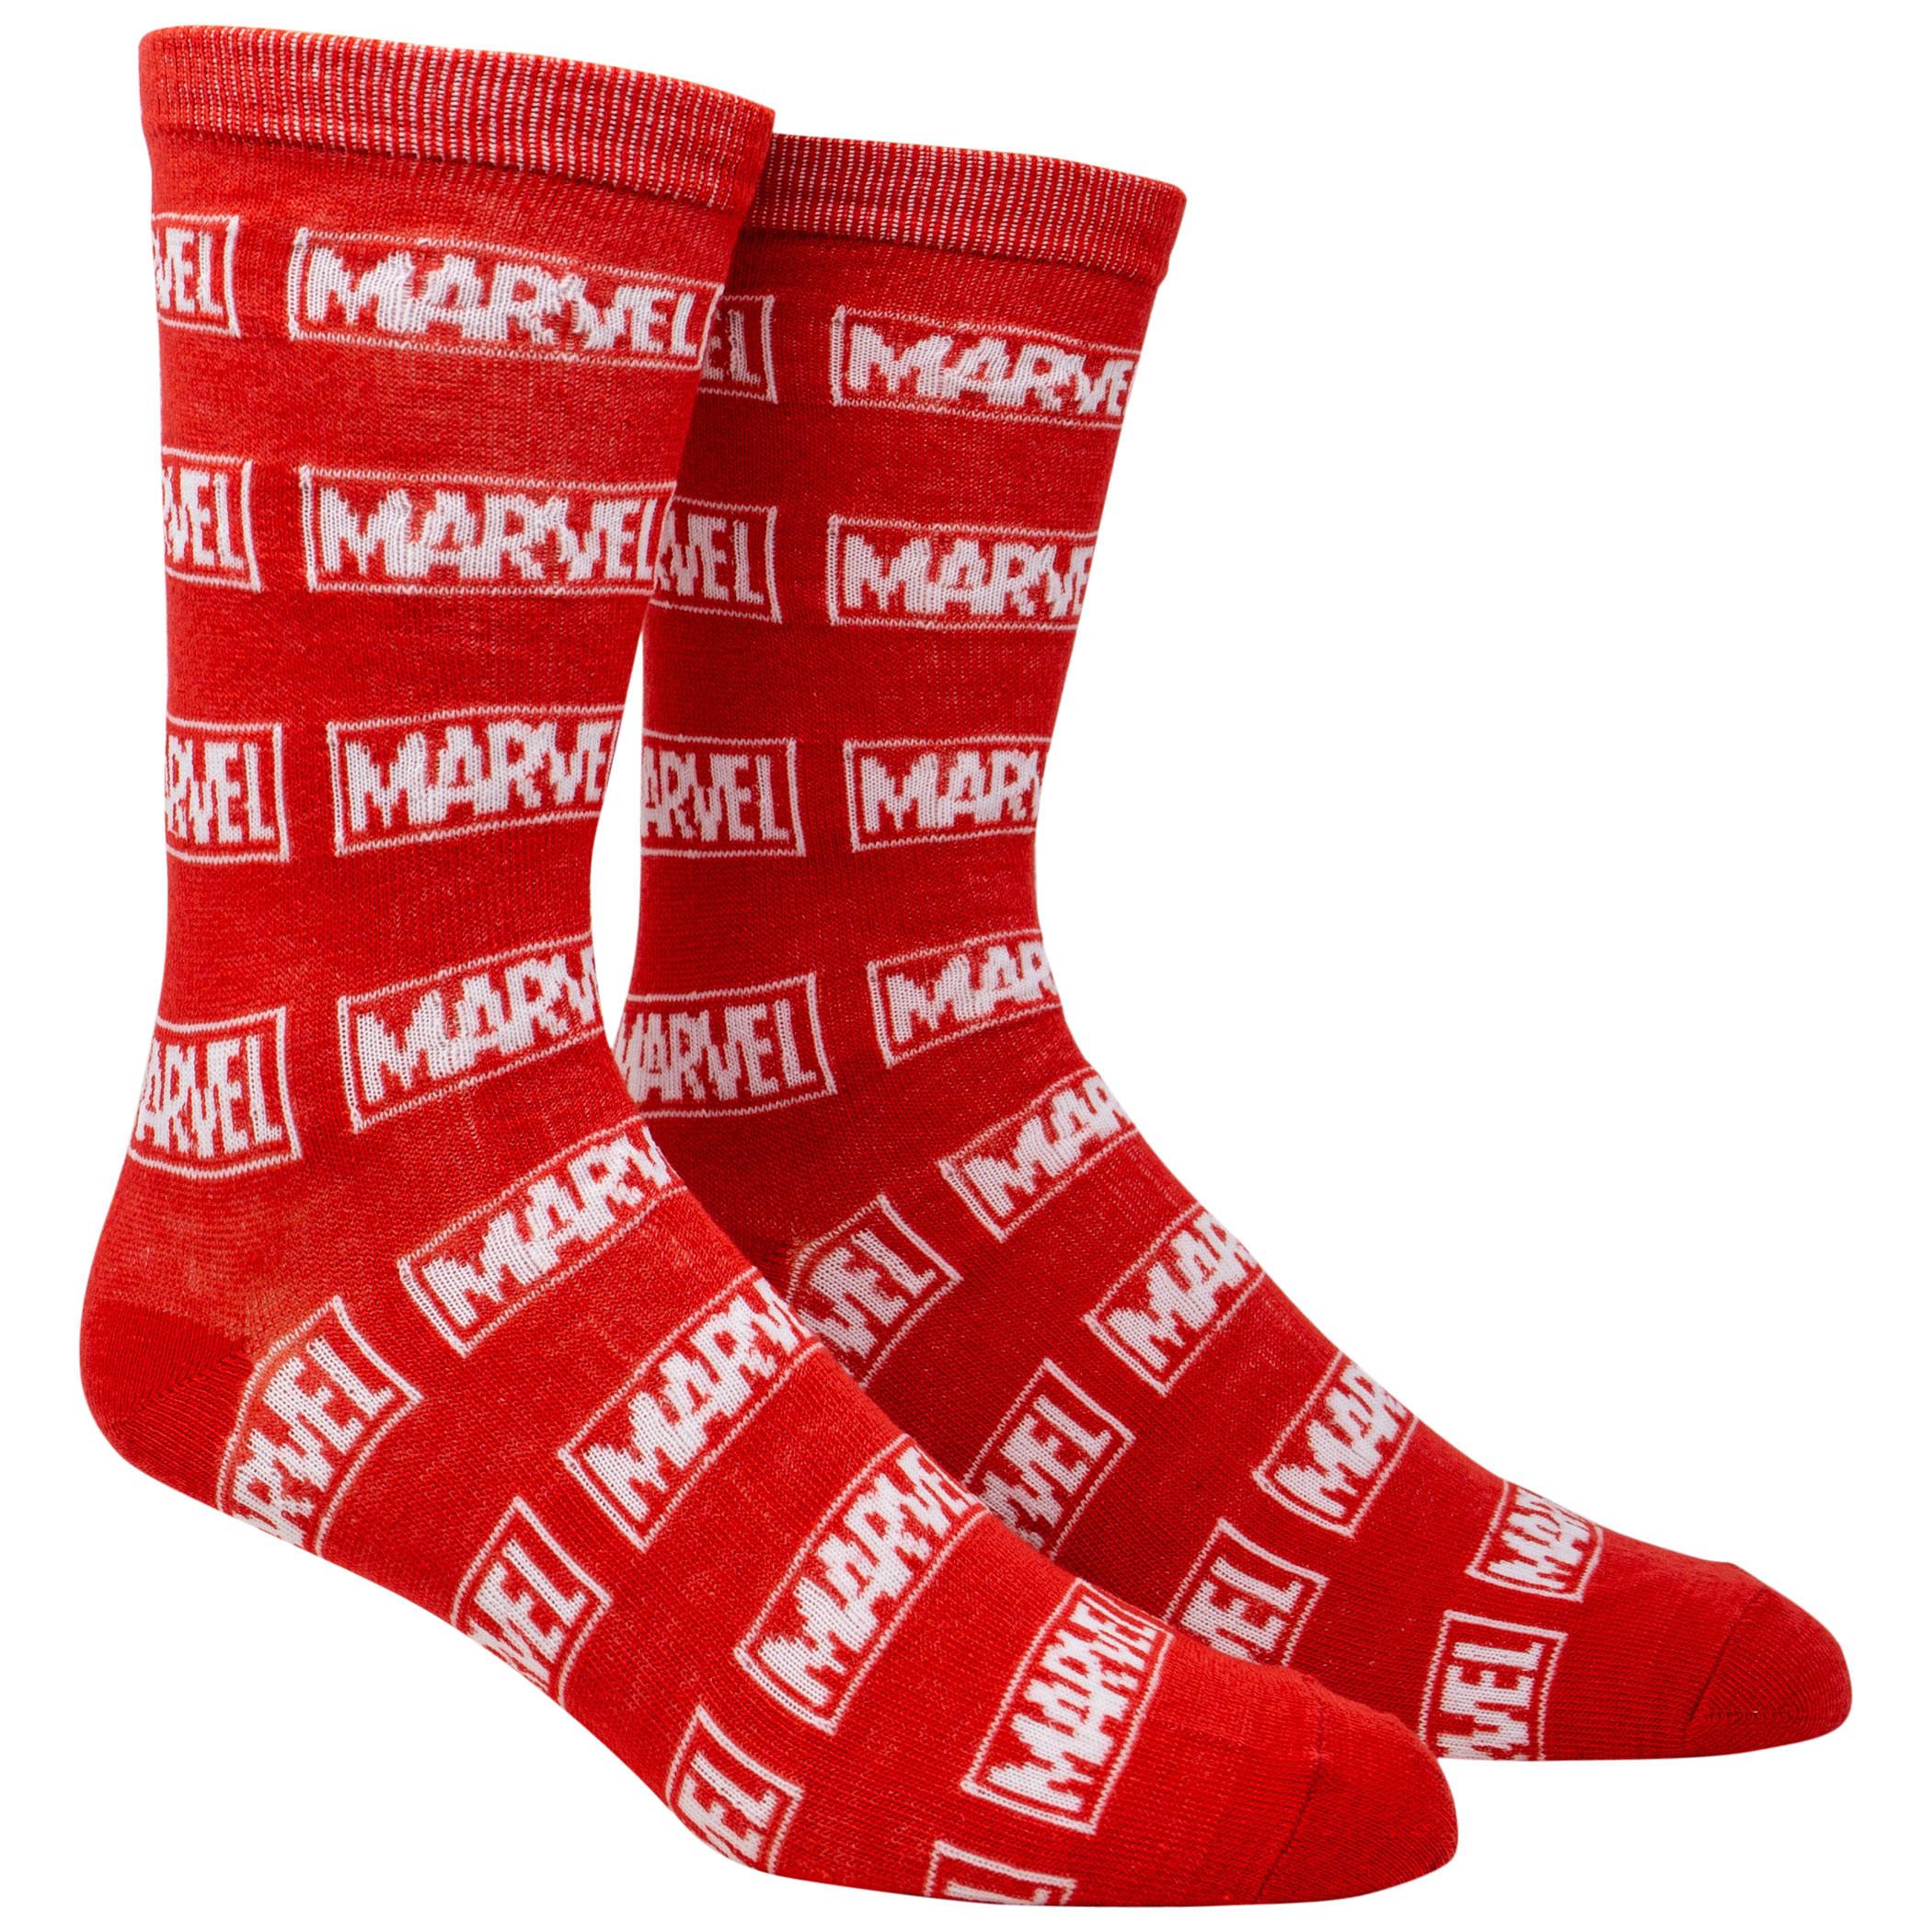 Marvel Brand Logo All Over Crew Socks